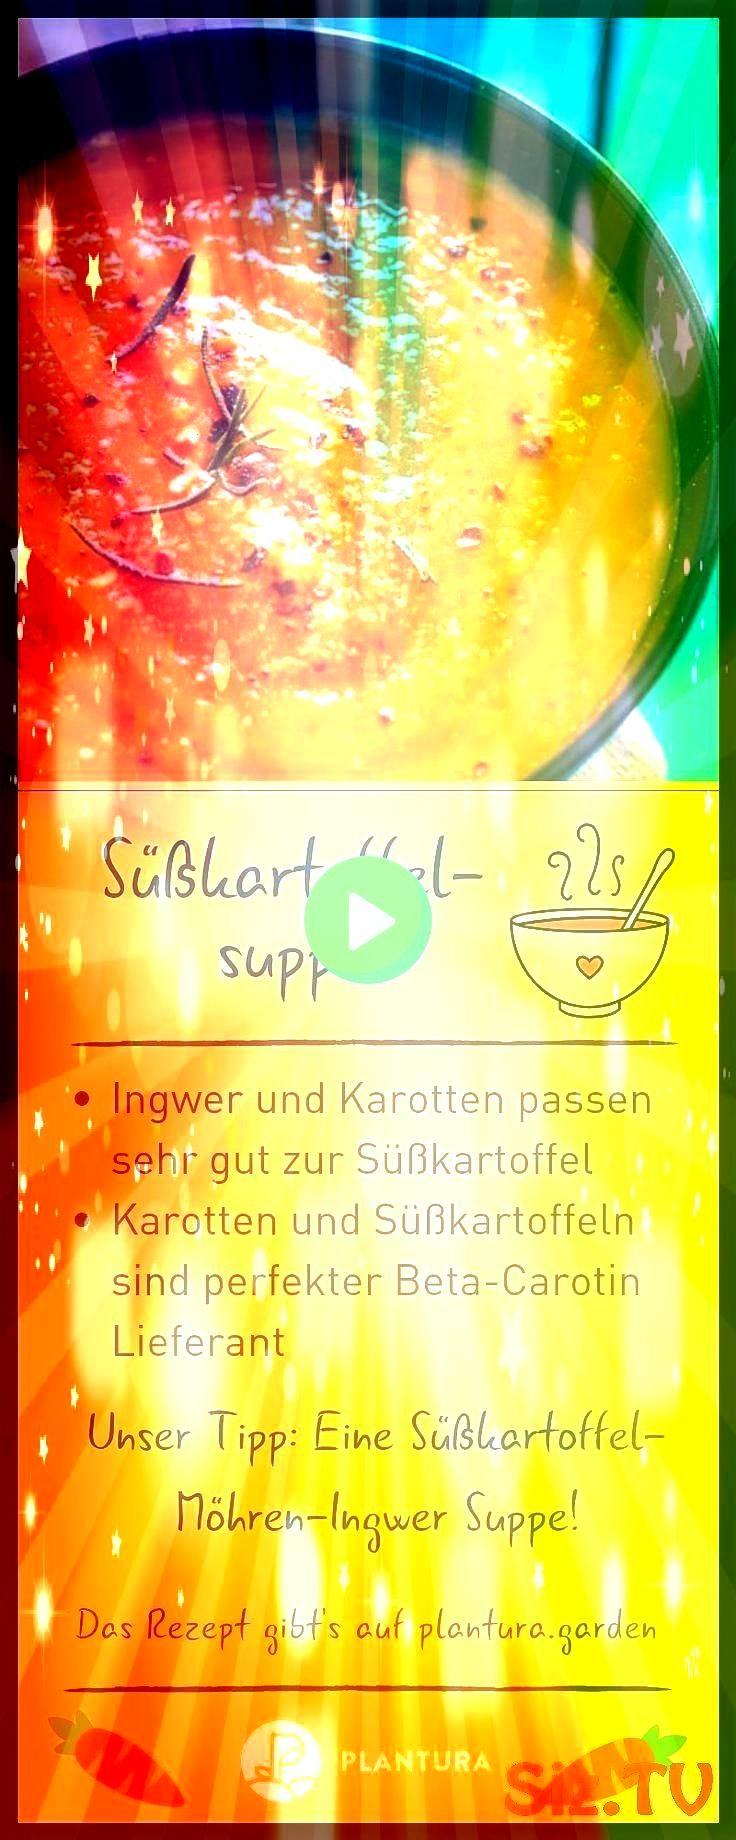 Pommes Püree Suppe  Auflauf Süßkartoffel Rezepte Pommes Püree Suppe  Auflauf Süßkartoffel Rezepte Pommes Püree Suppe  Auflauf Onions...